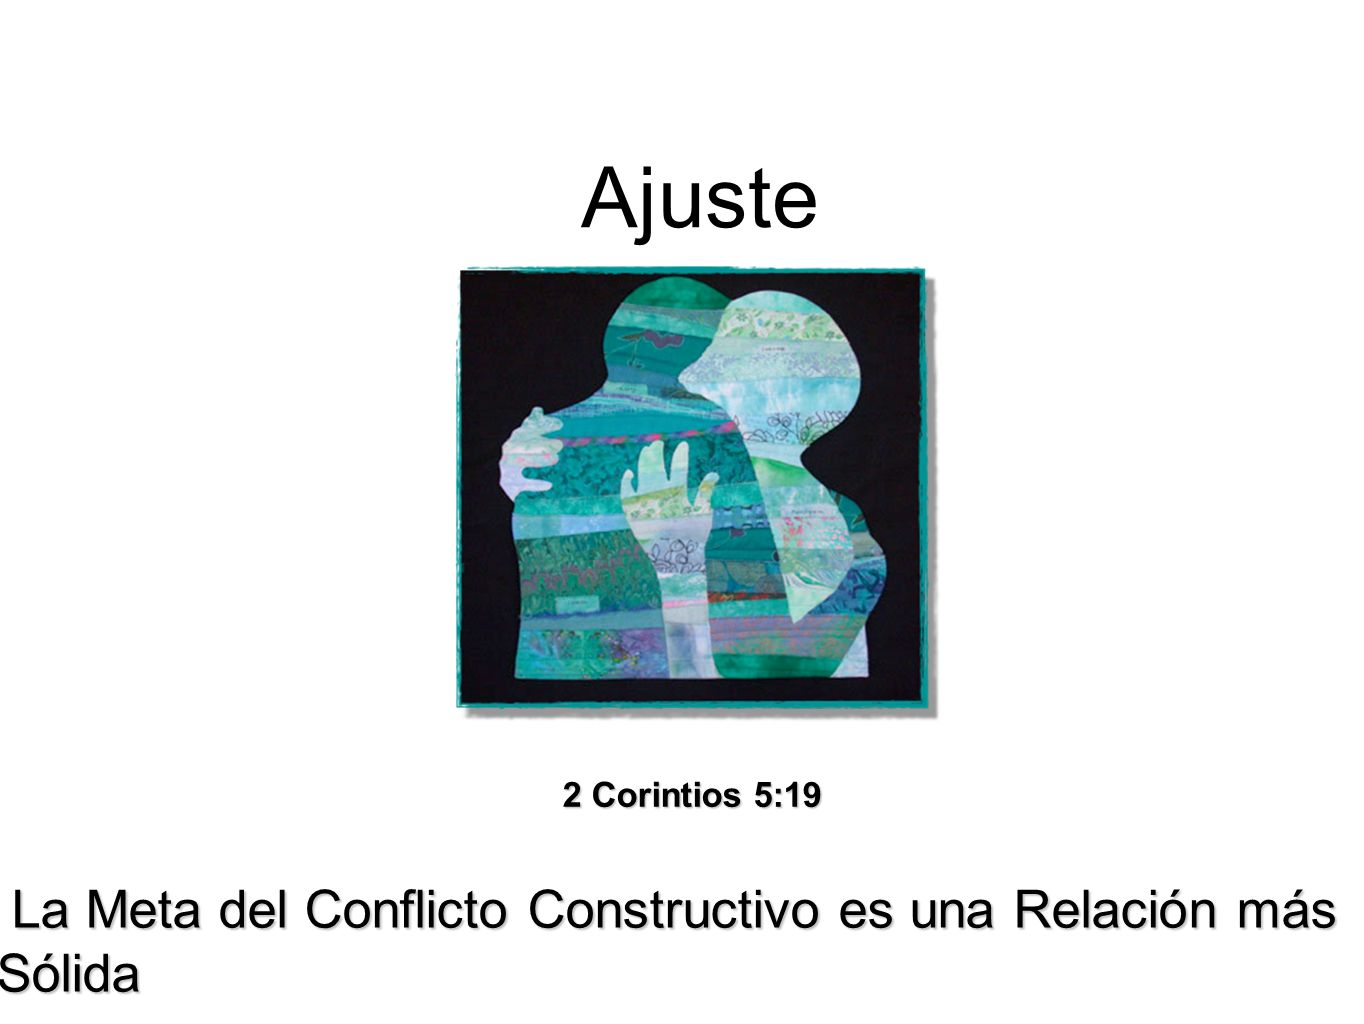 Ajuste La Meta del Conflicto Constructivo es una Relación más Sólida